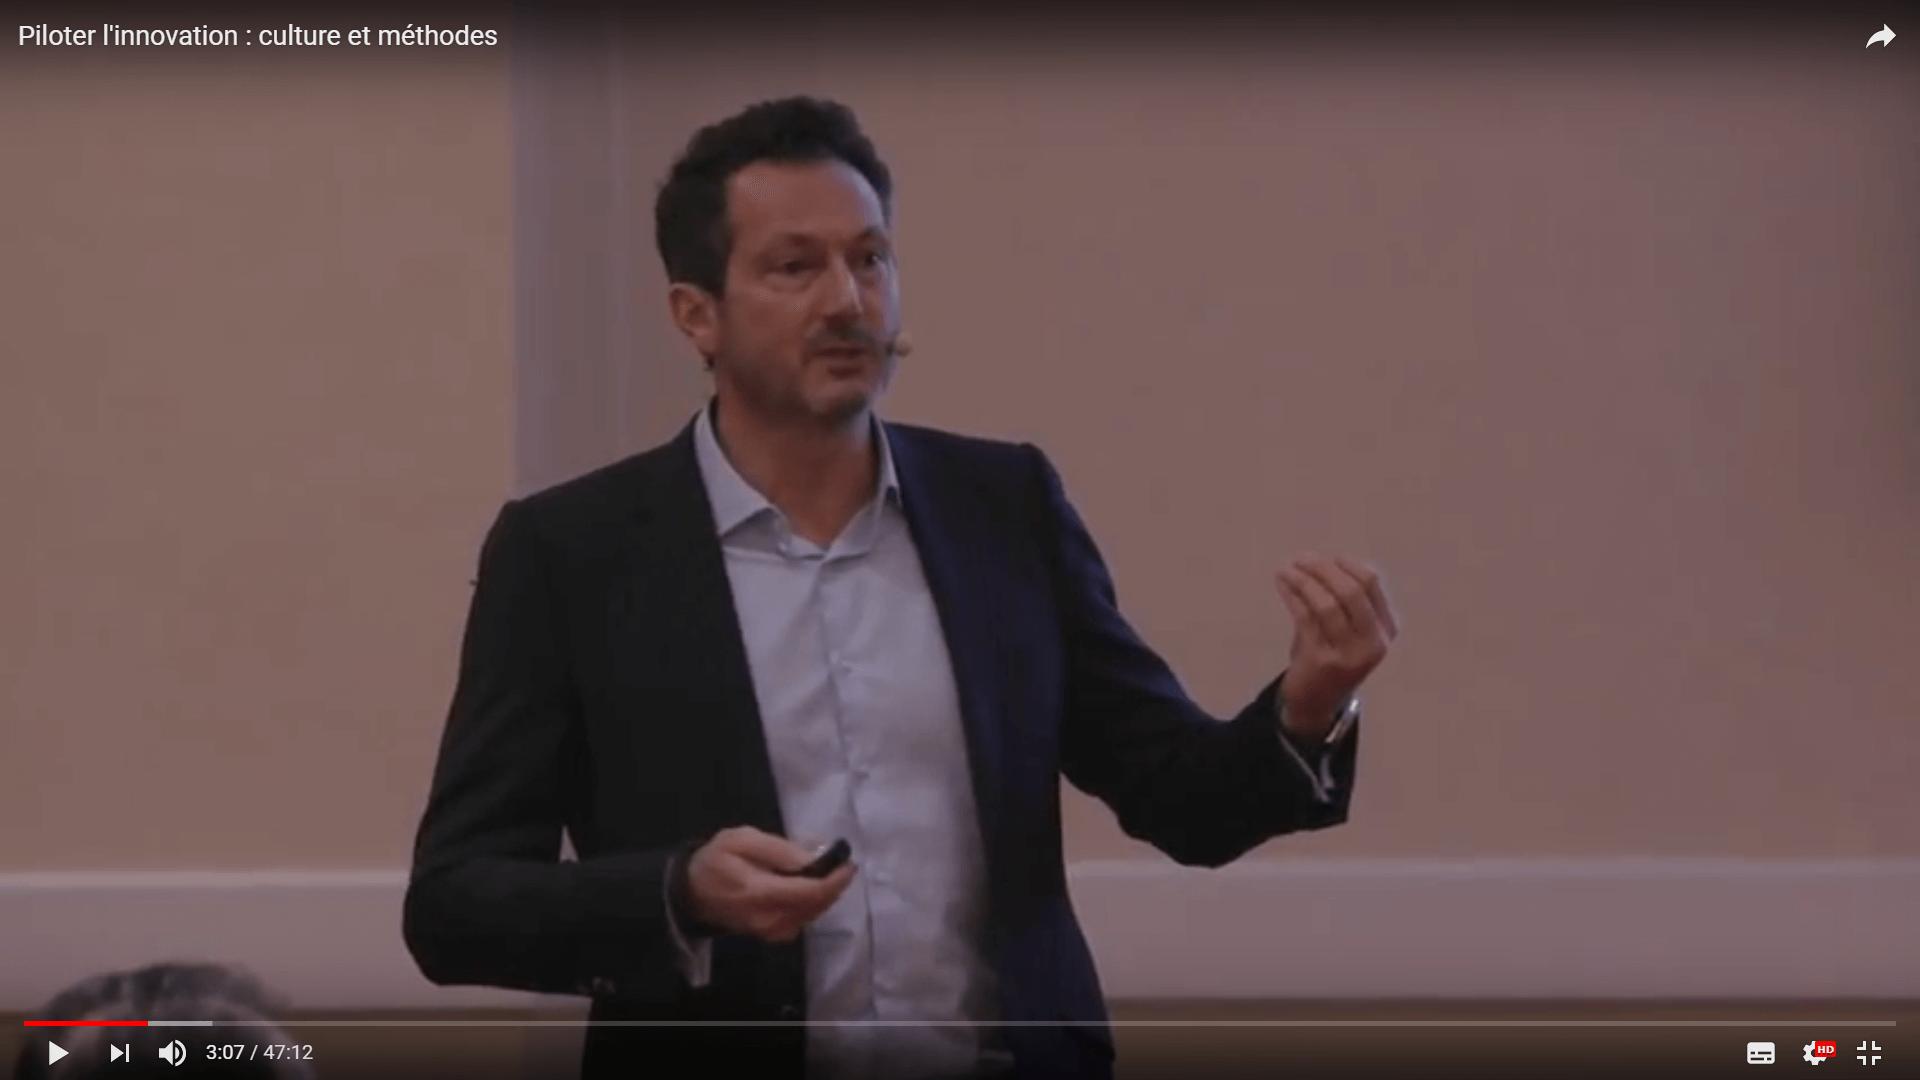 Vidéo de Martin Duval sur l'innovation pédagogique